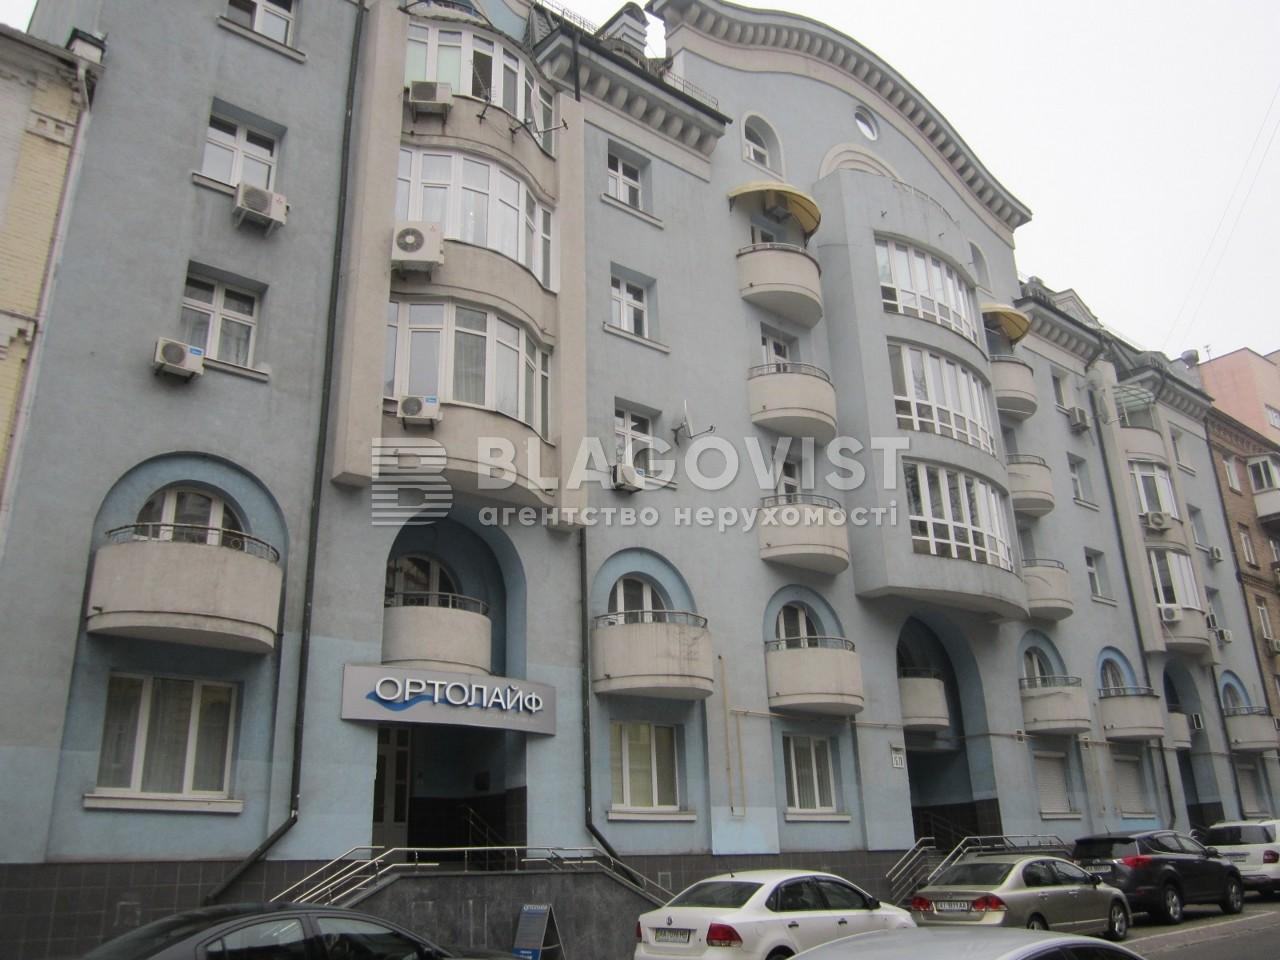 Квартира D-37016, Тургеневская, 76-78, Киев - Фото 2